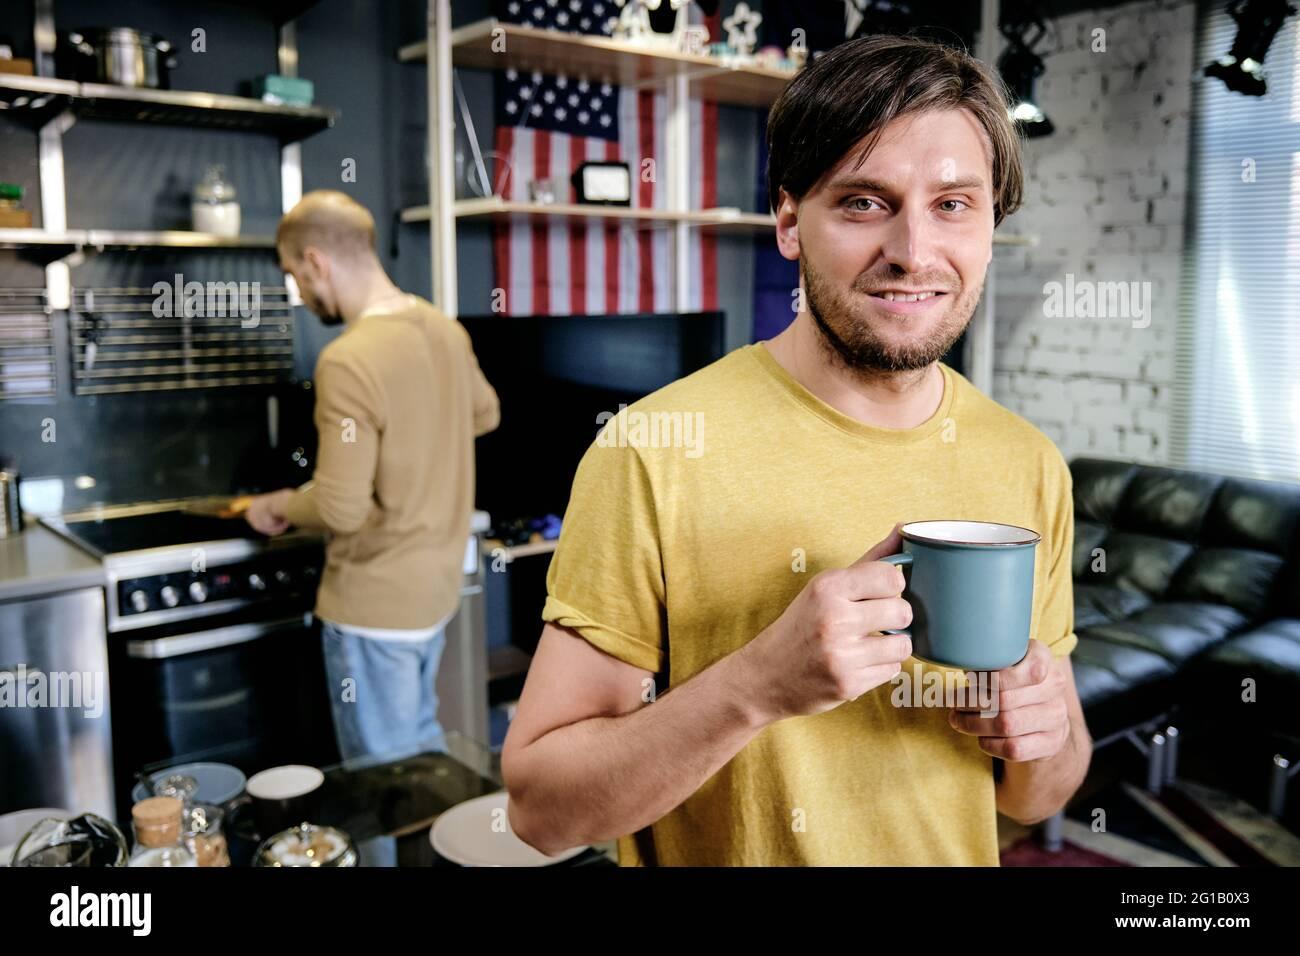 Un hombre sonriente bebiendo contra un hombre que cocina el desayuno en la cocina Foto de stock